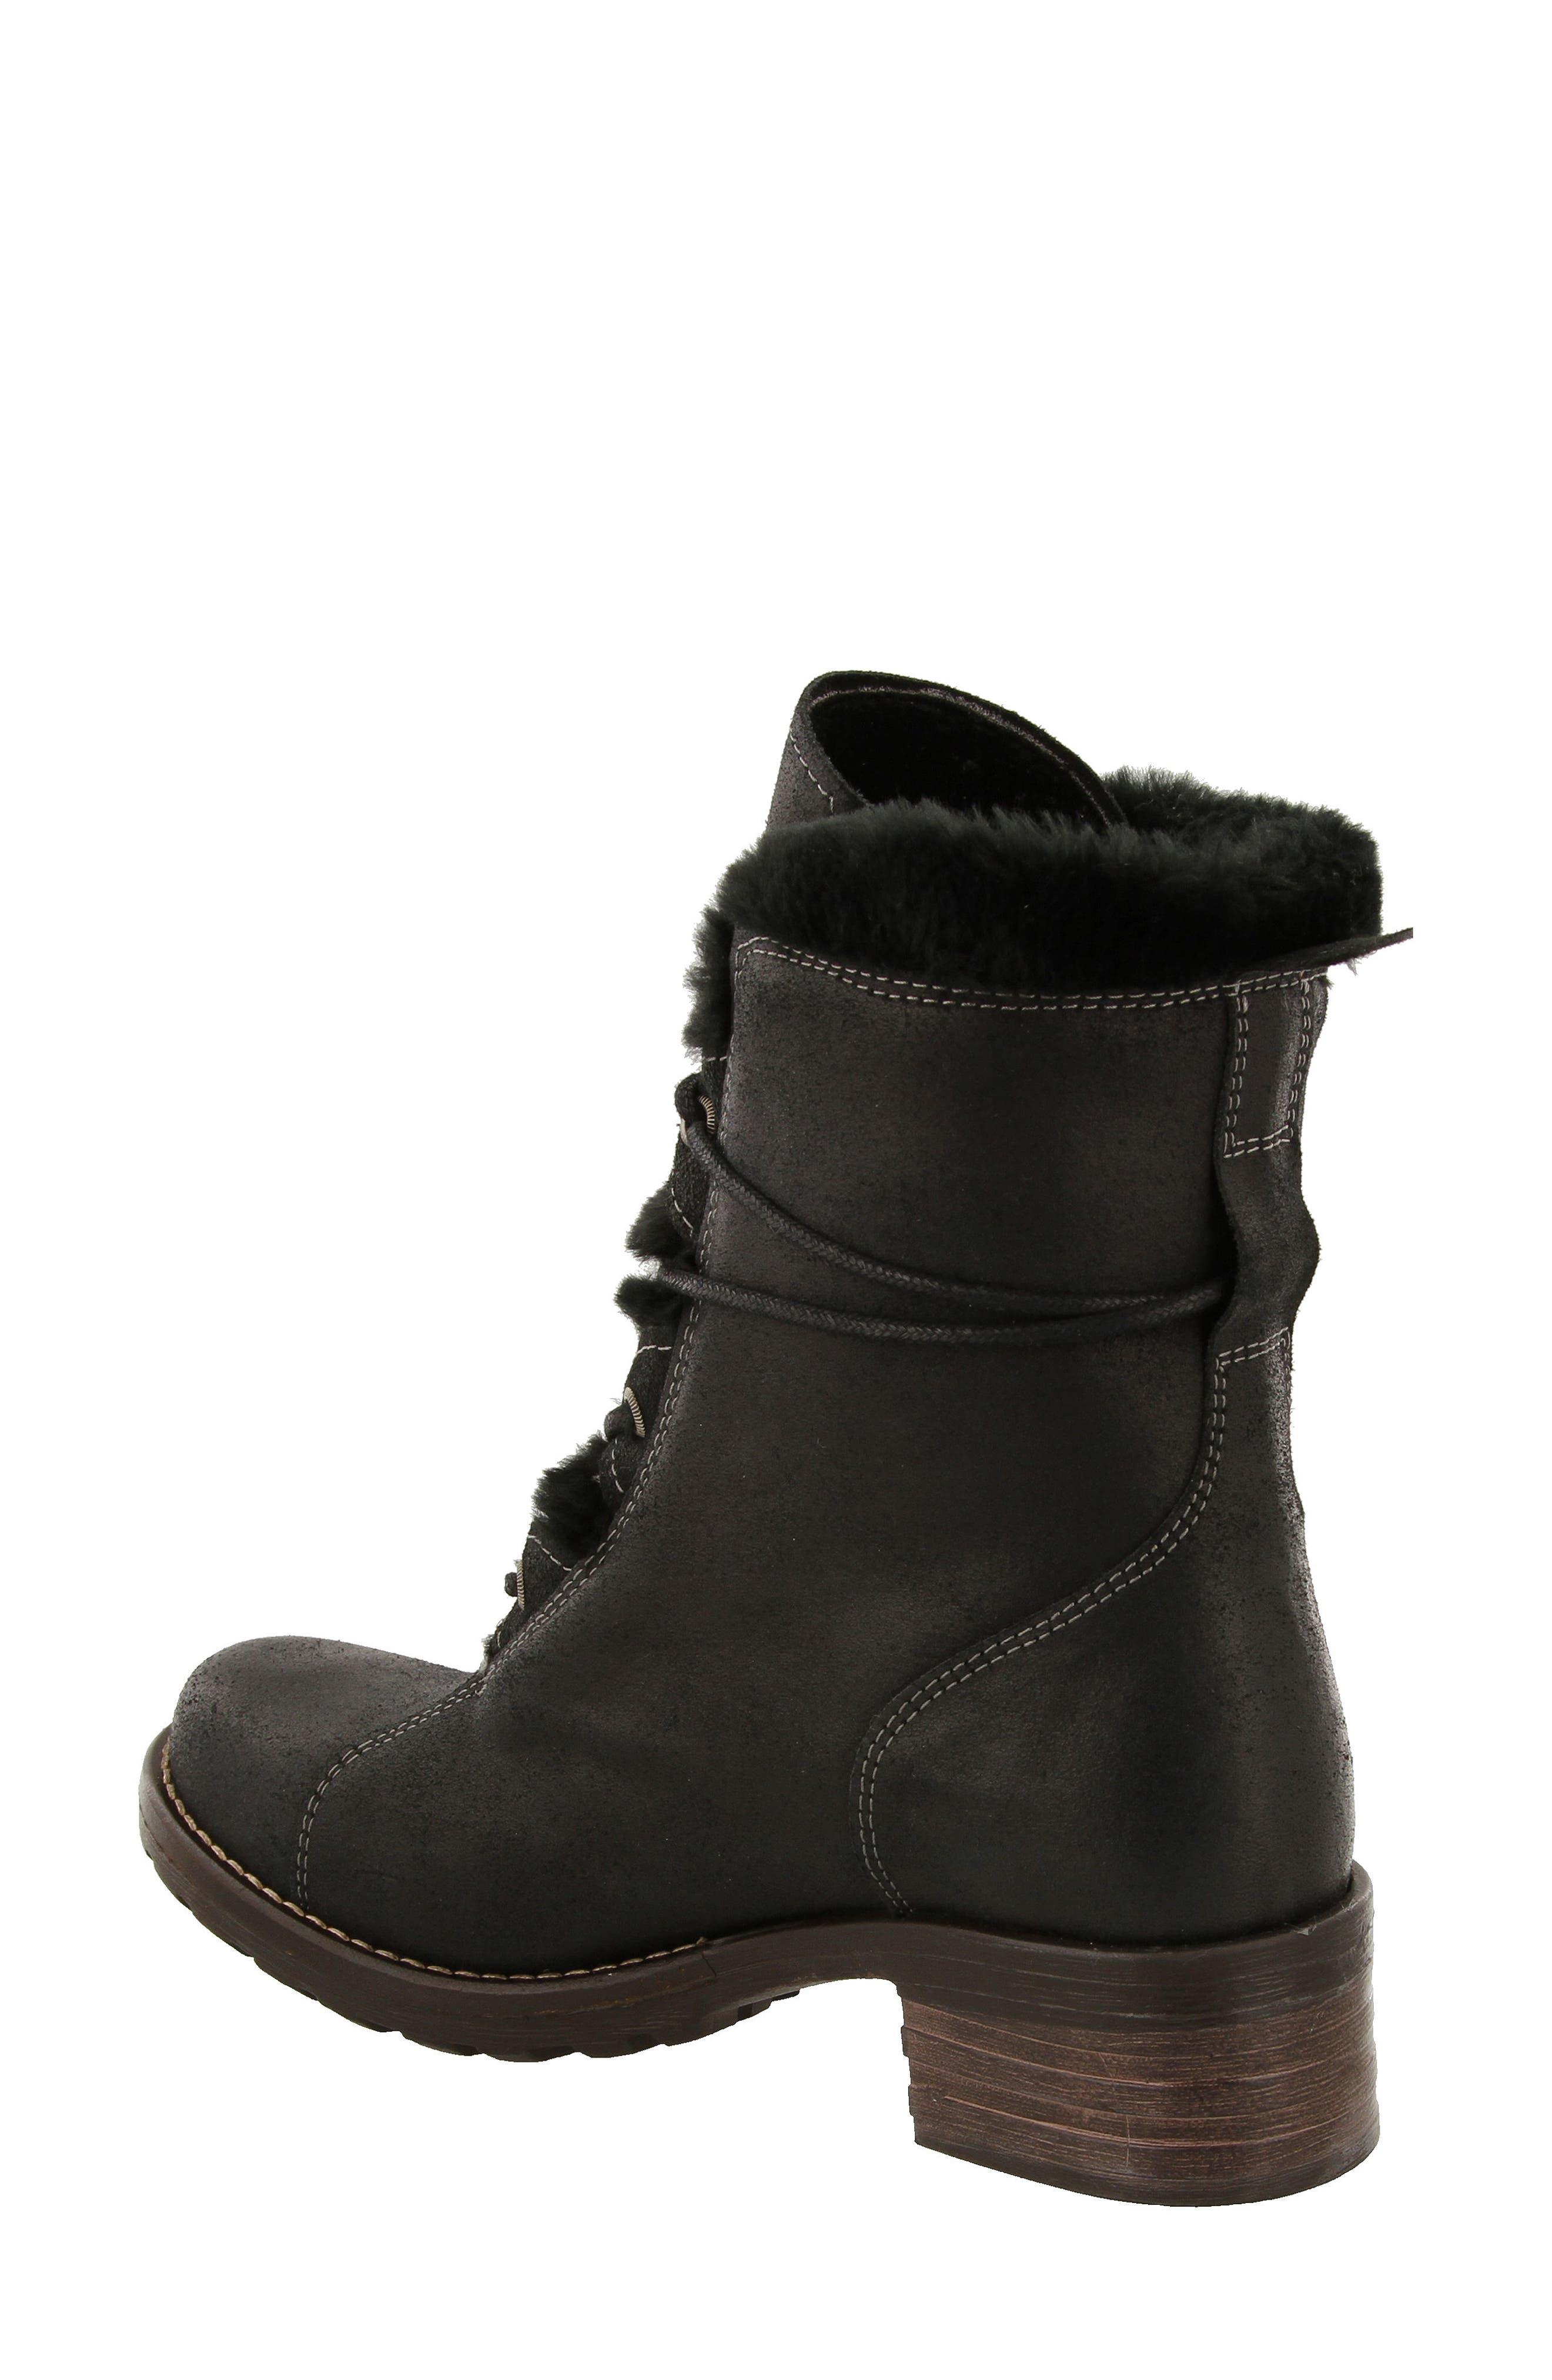 Furkle Boot with Faux Fur Trim,                             Alternate thumbnail 2, color,                             002